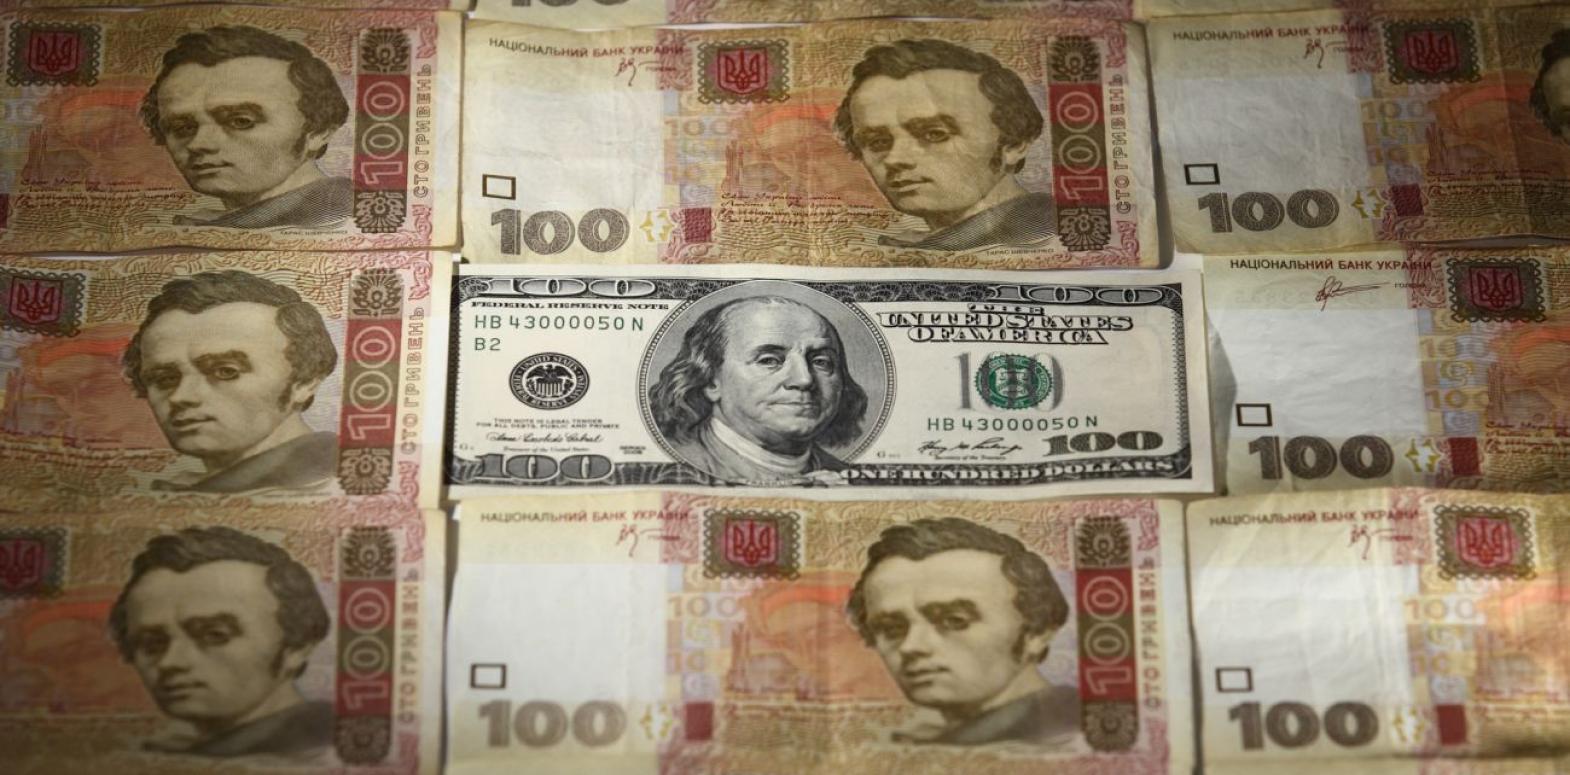 Курс доллара падает второй день подряд после двухнедельного роста